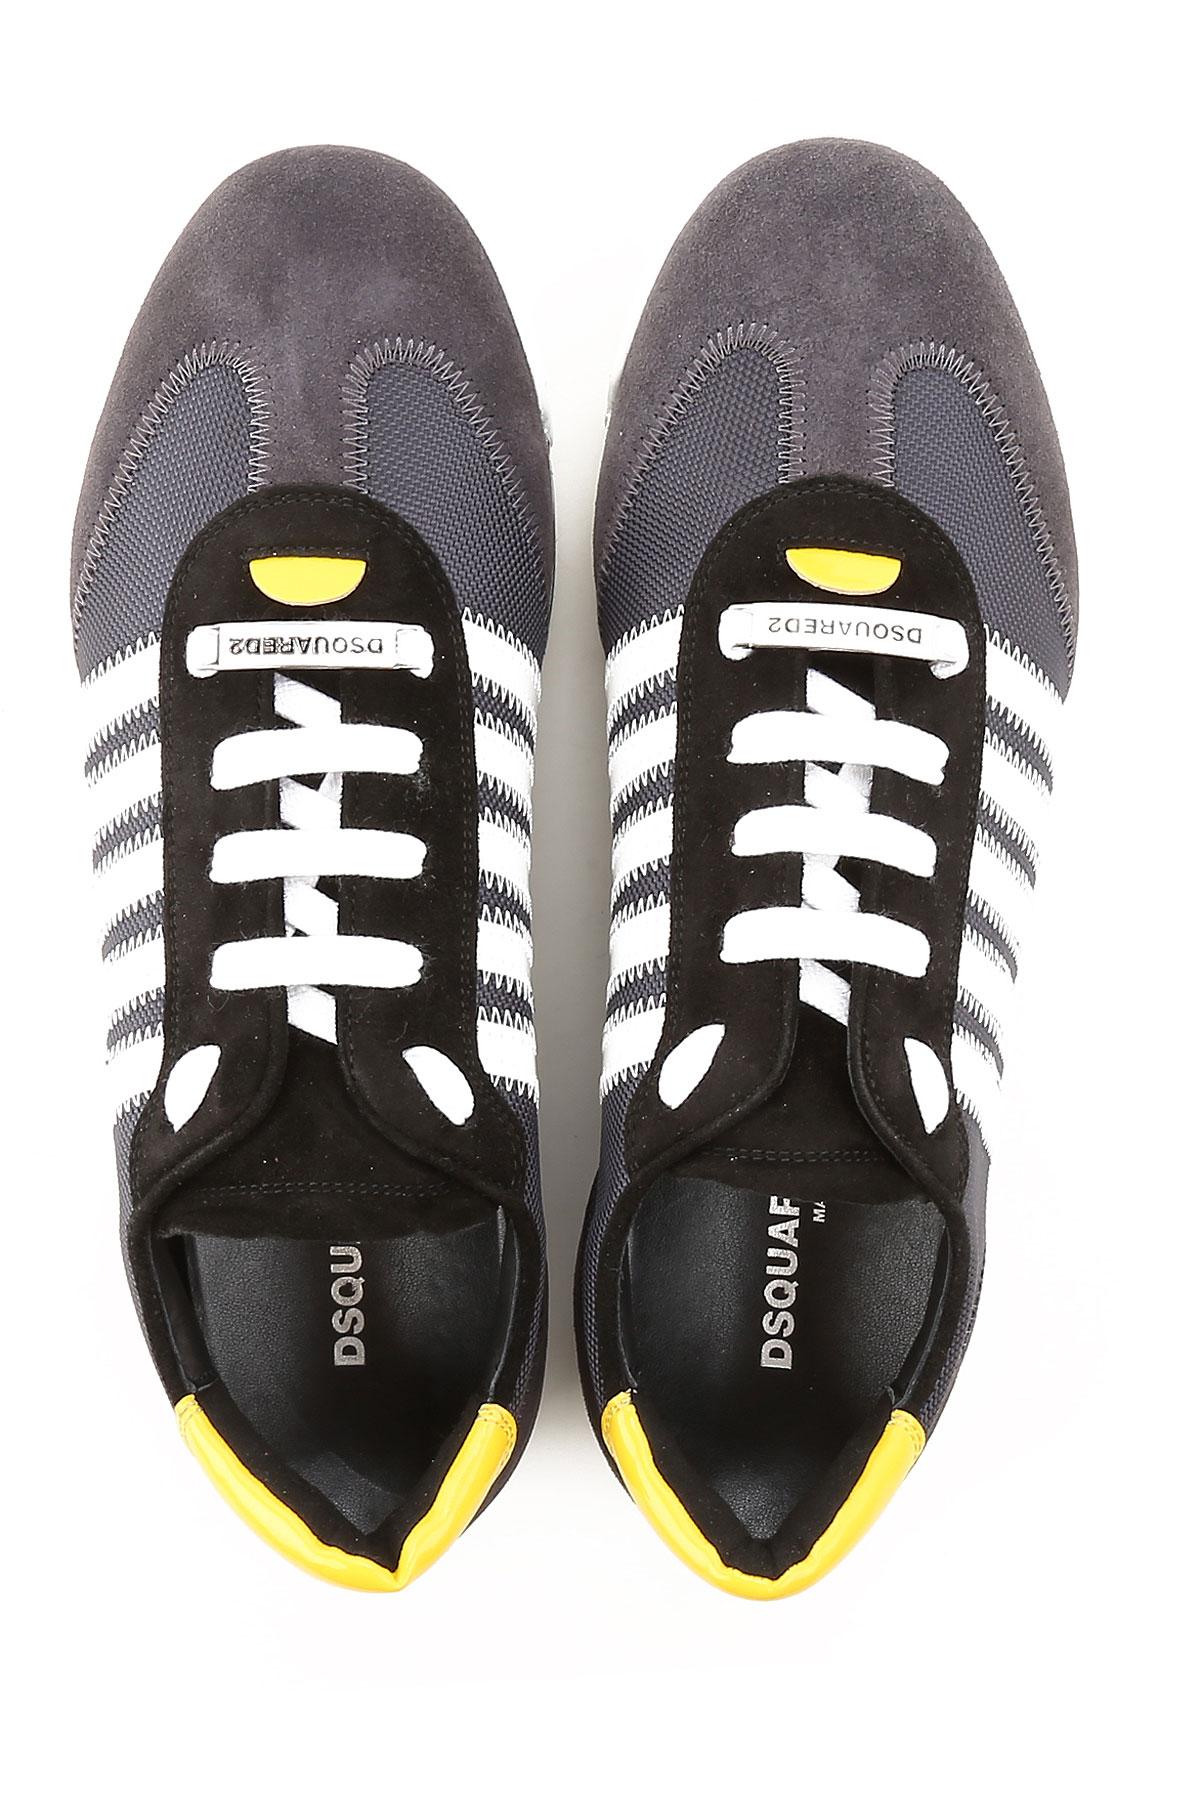 Hombres Amarillo Primavera Dsquared verano Negro 2019 Zapatos Para UxOxEwZv